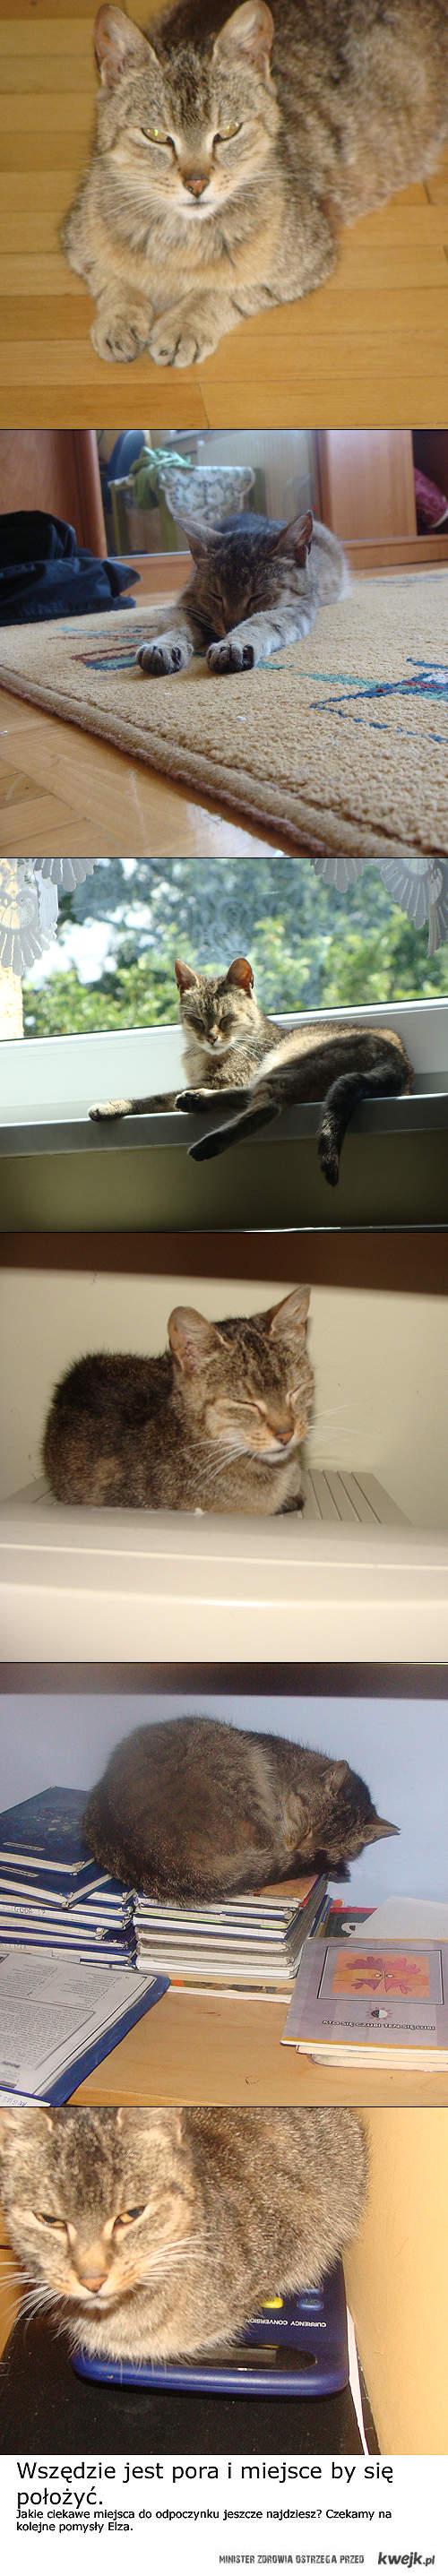 gdzie ten kot jeszcze najdzie miejsce na odpoczynek